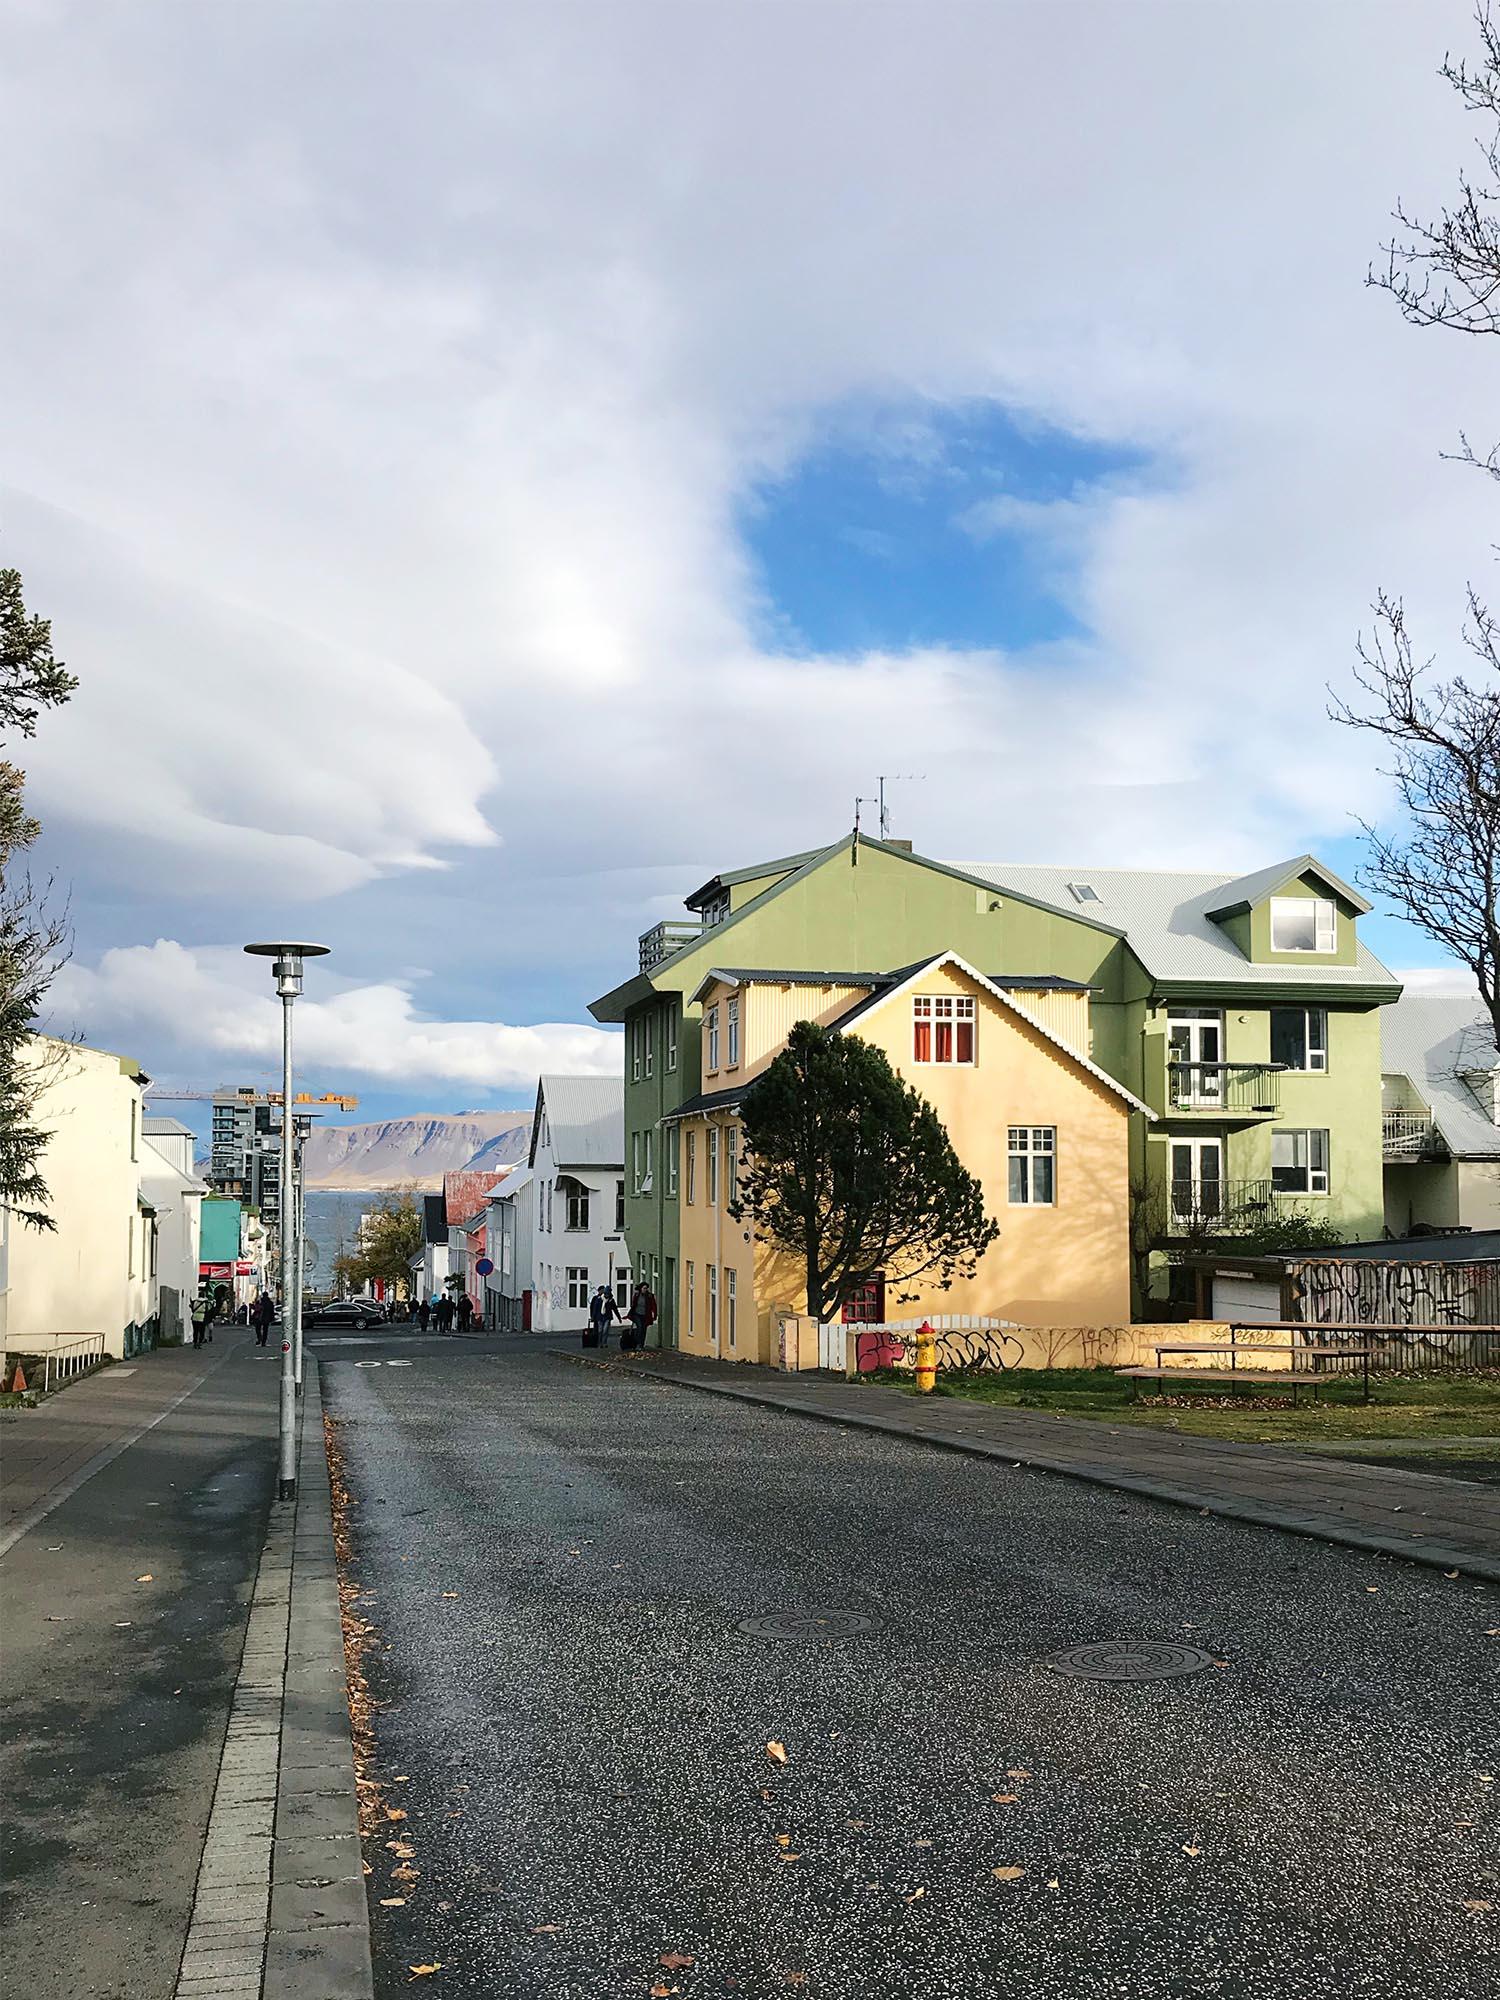 Downtown Reykjavík